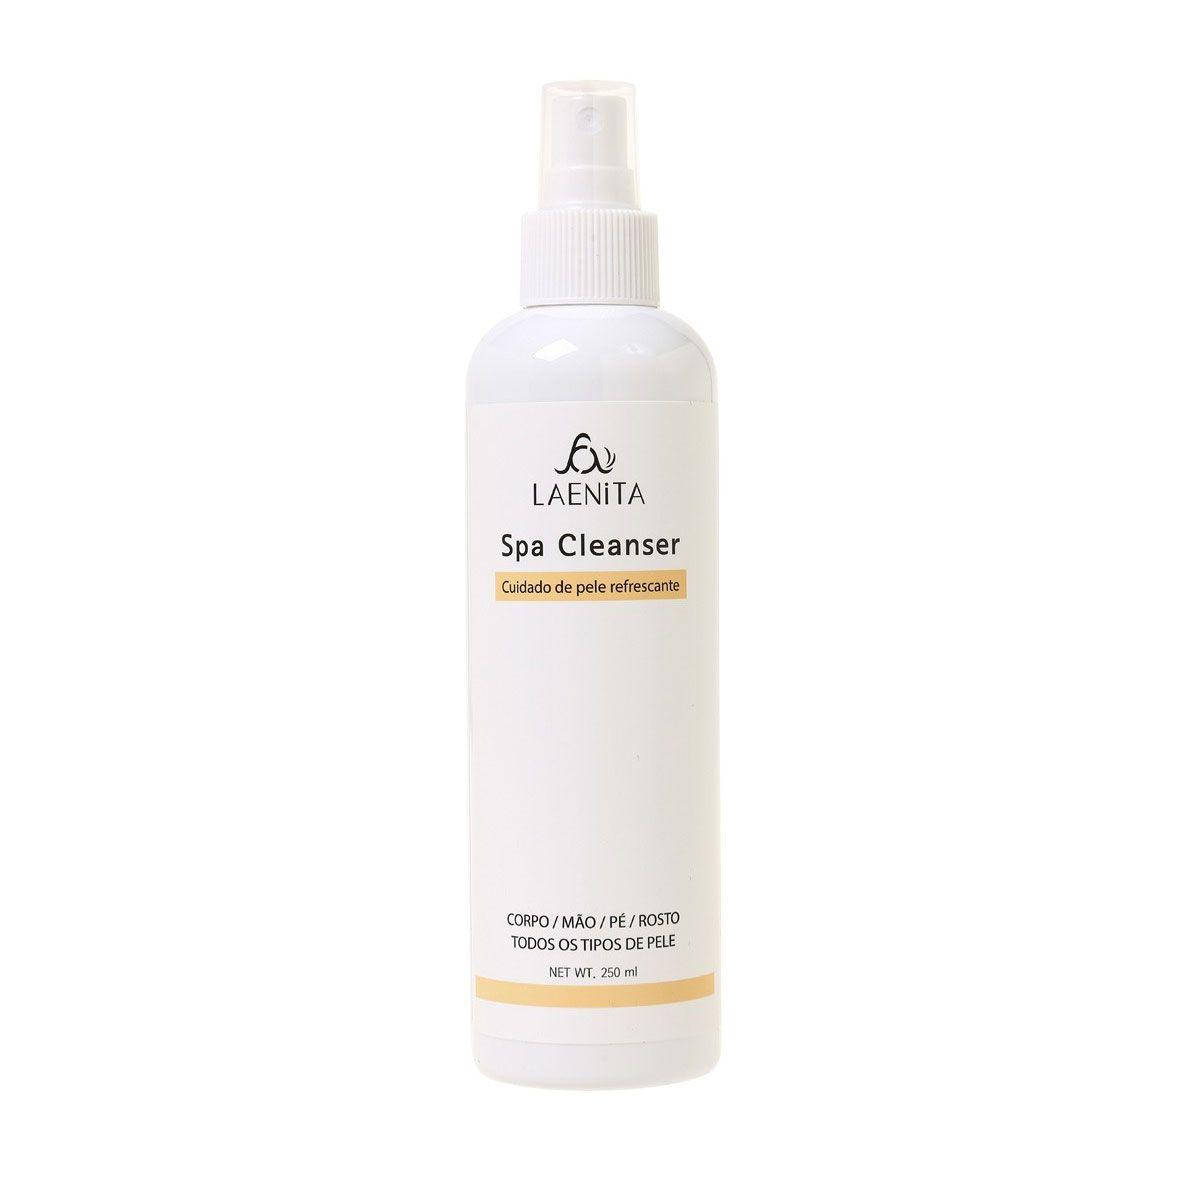 Spray de Limpeza Spa Laenita 250ml